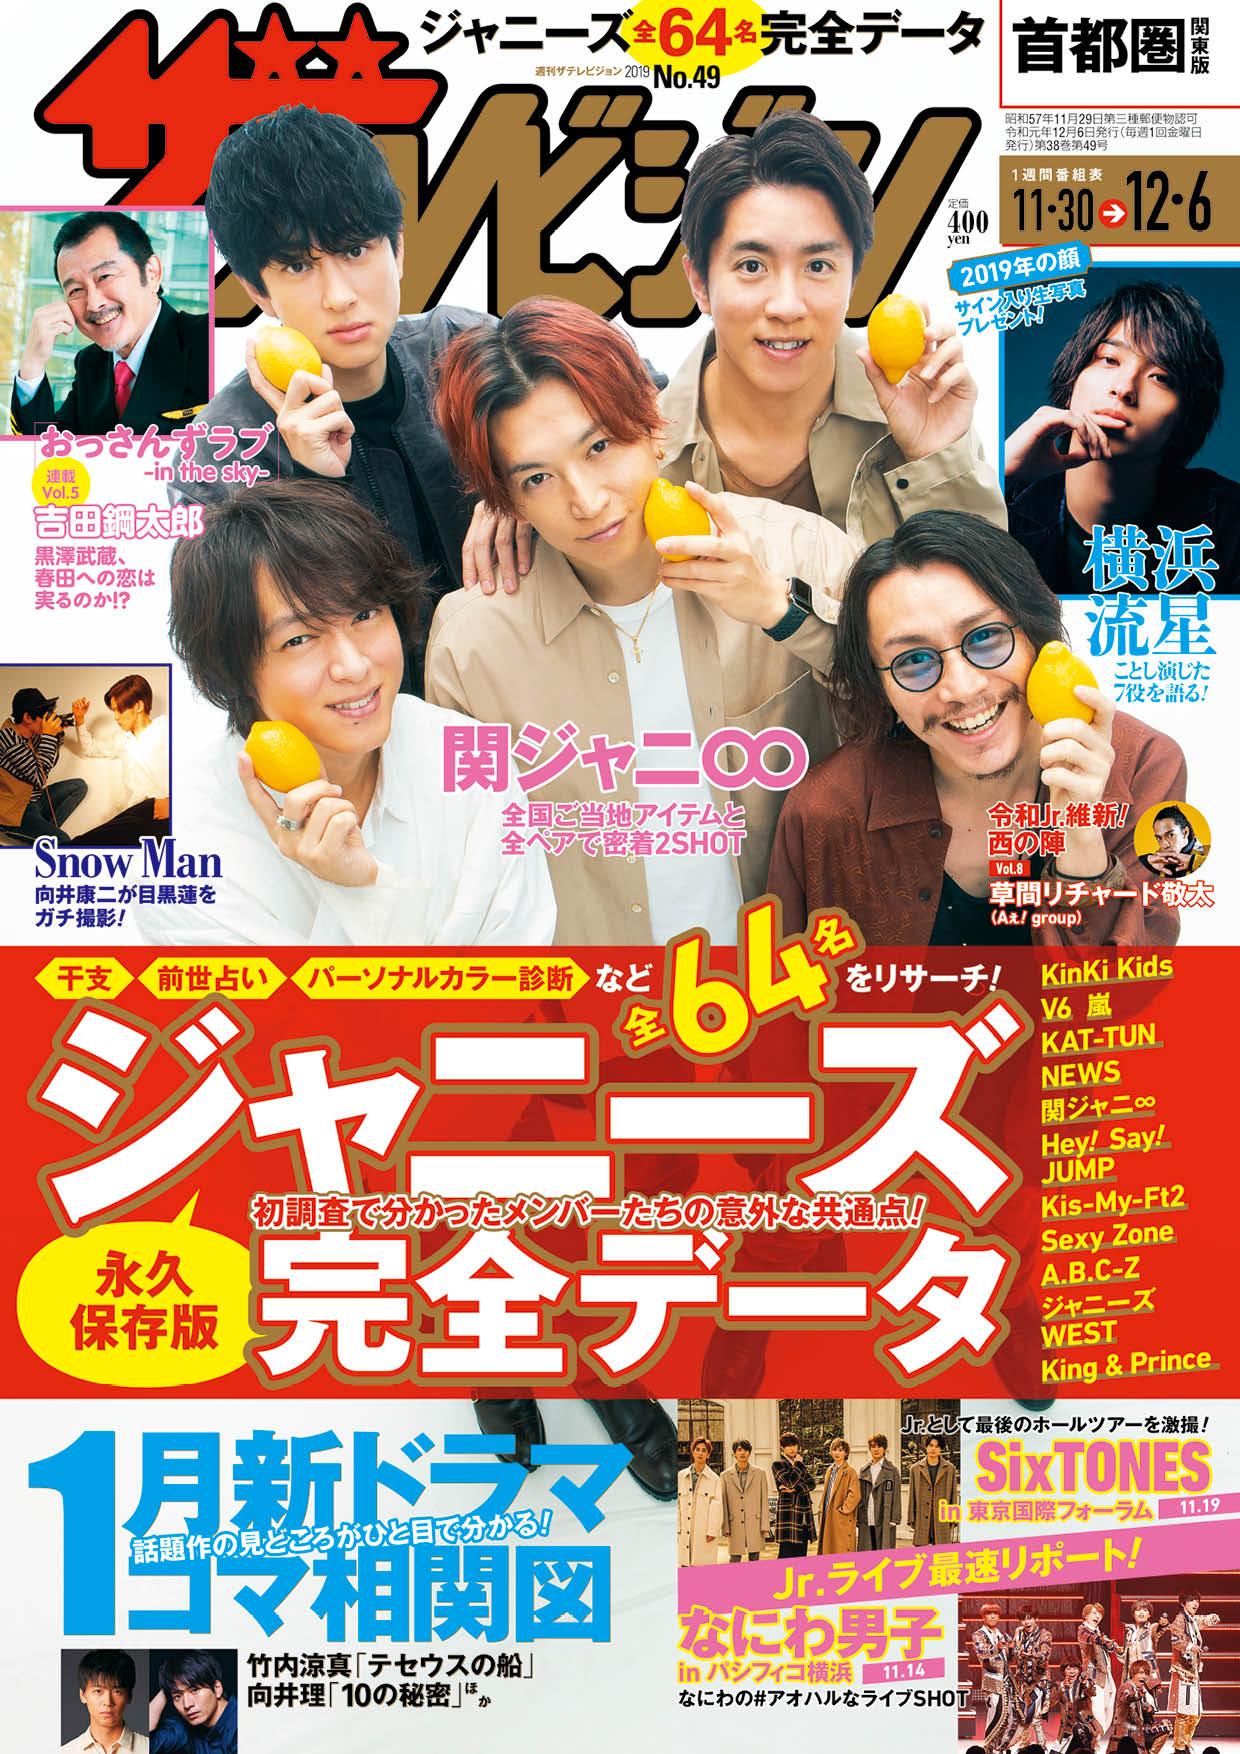 関ジャニ∞『週刊ザテレビジョン』12/6号